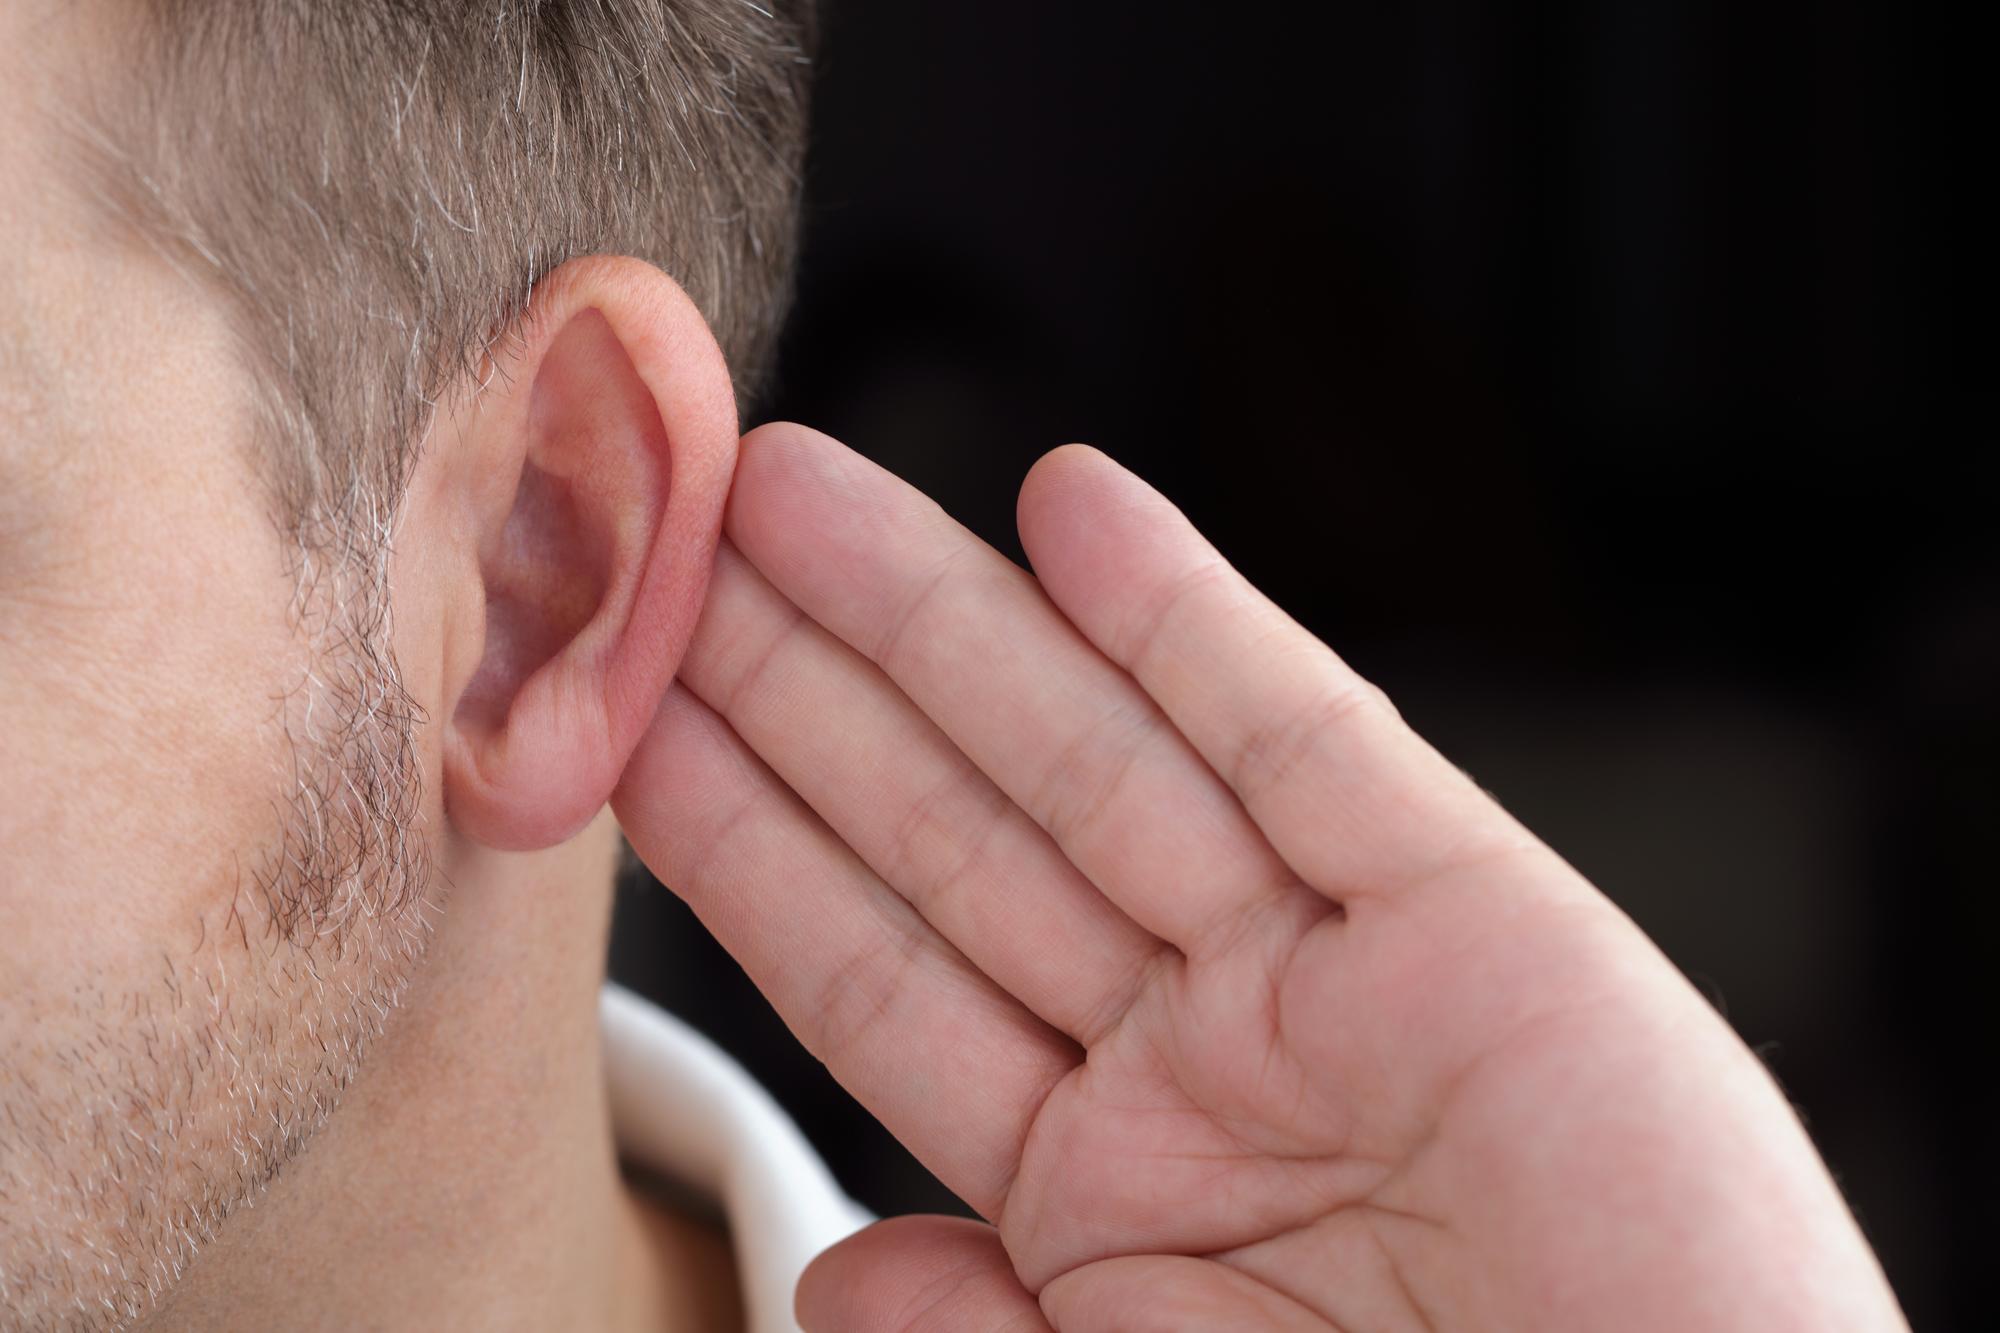 Nedsat hørelse – sådan klarer du dig bedre i hverdagen